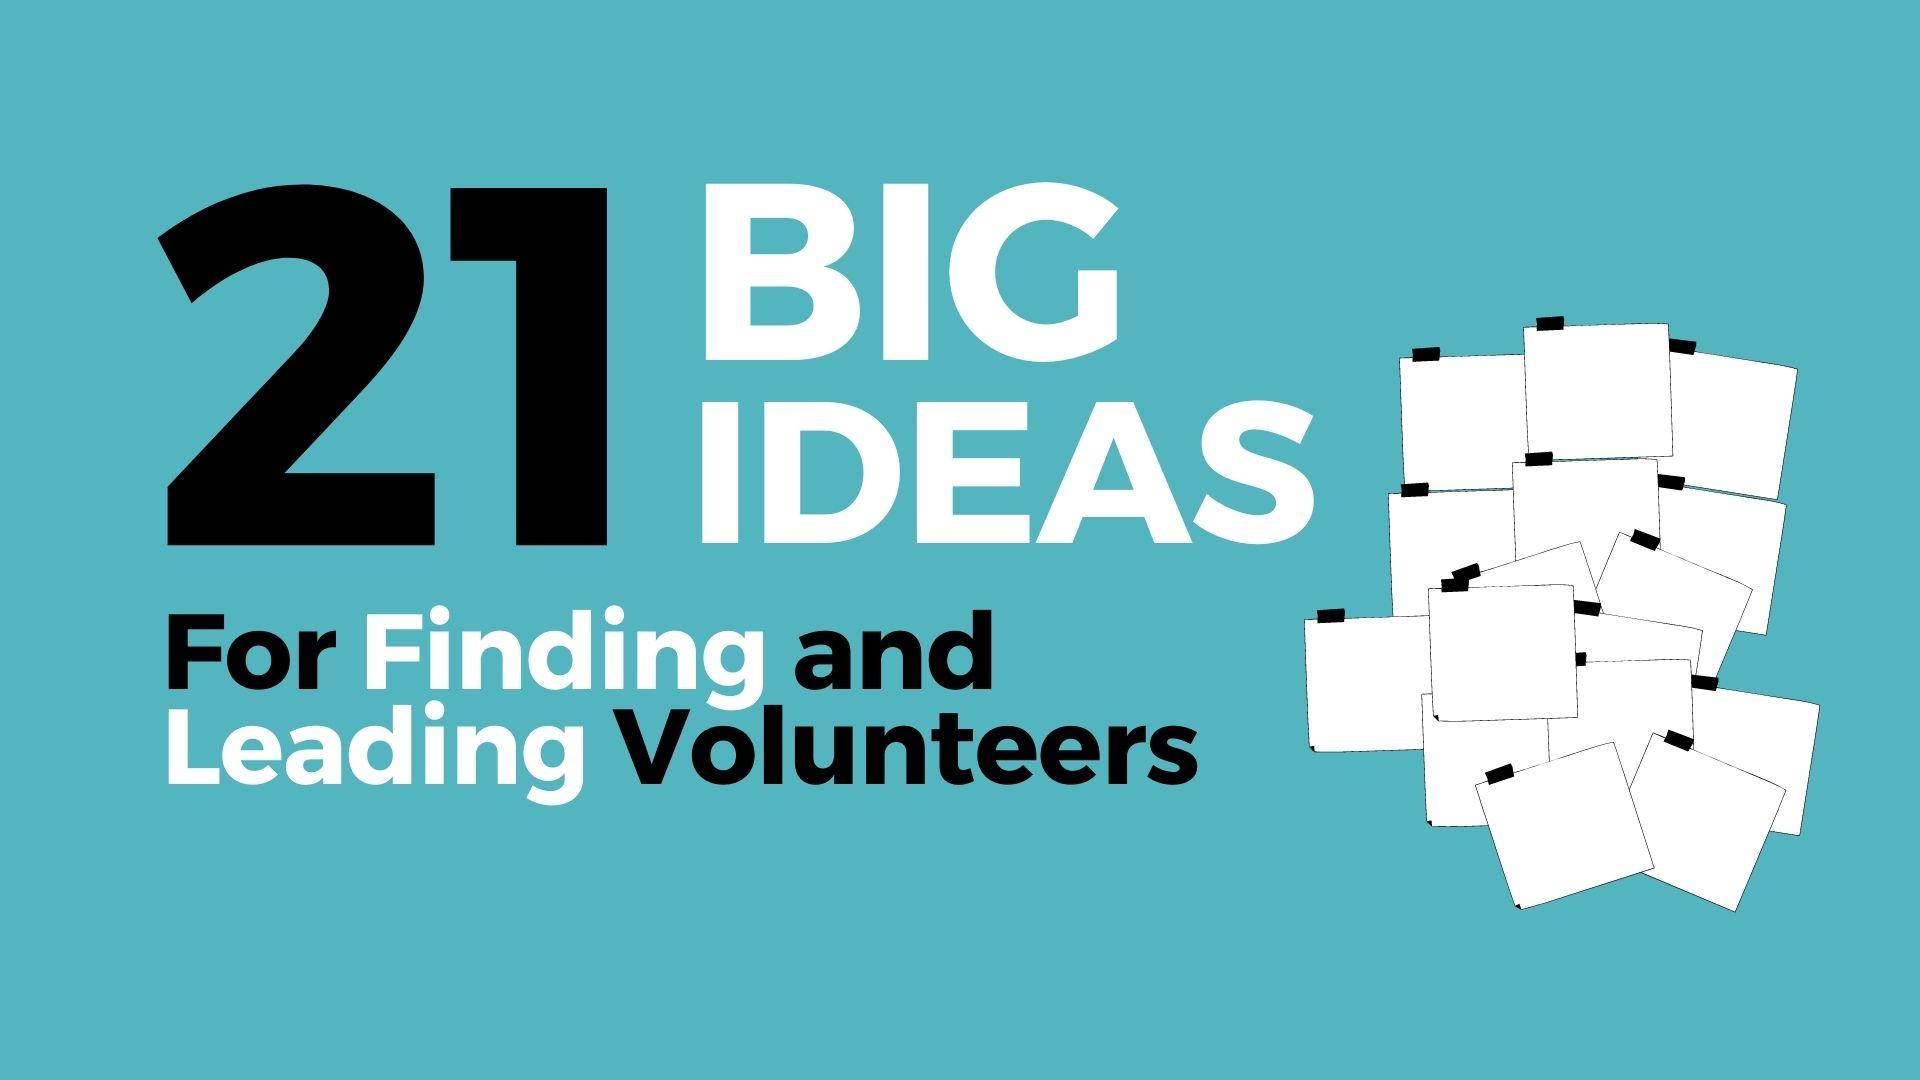 Webinar: 21 BIG Ideas for Finding & Leading Volunteers